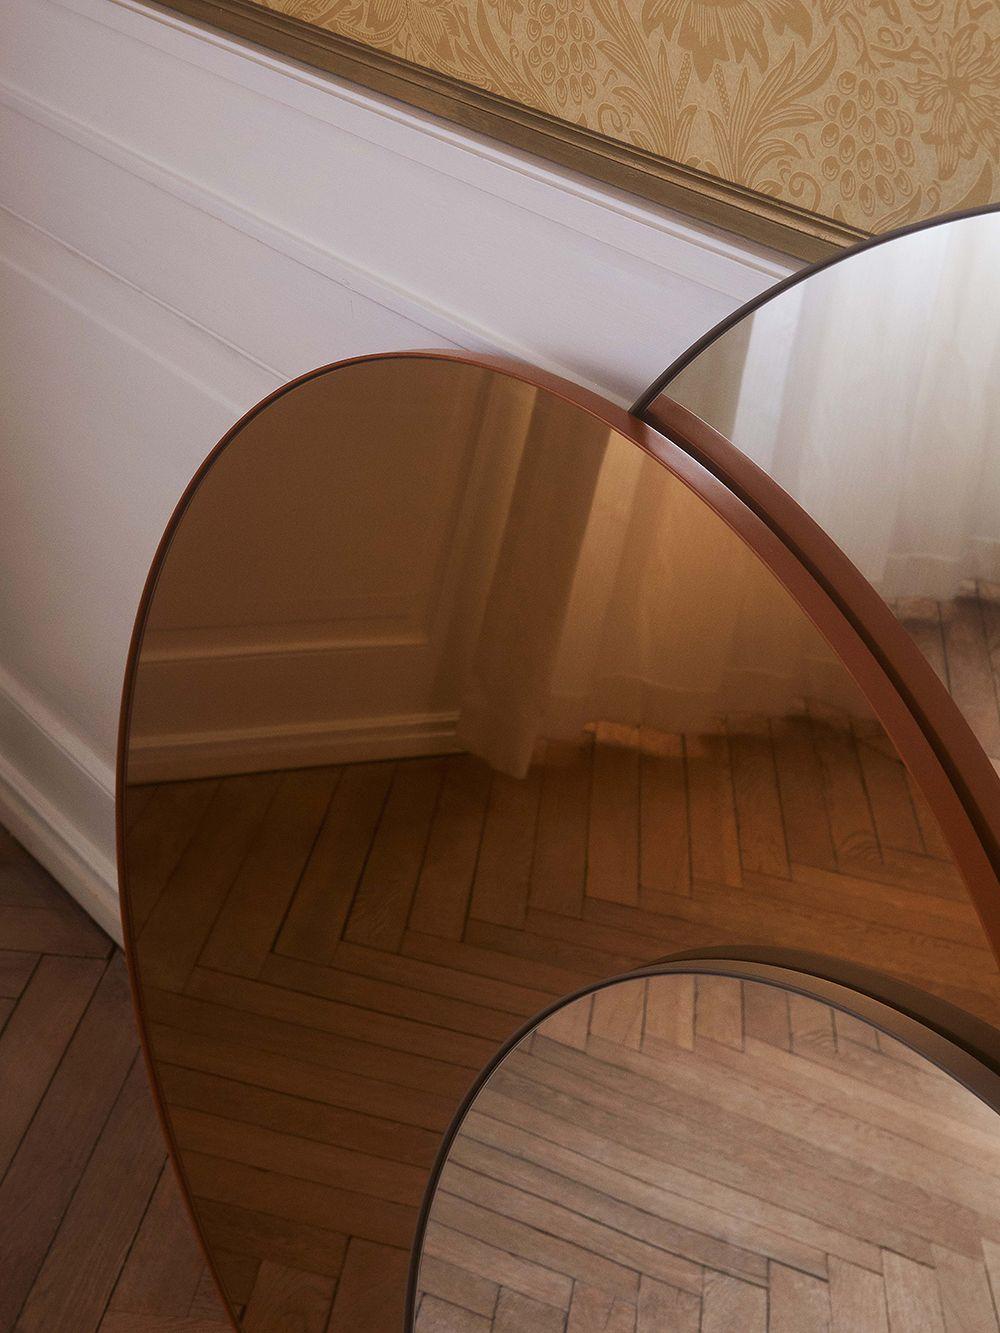 AYTM's Circum mirror